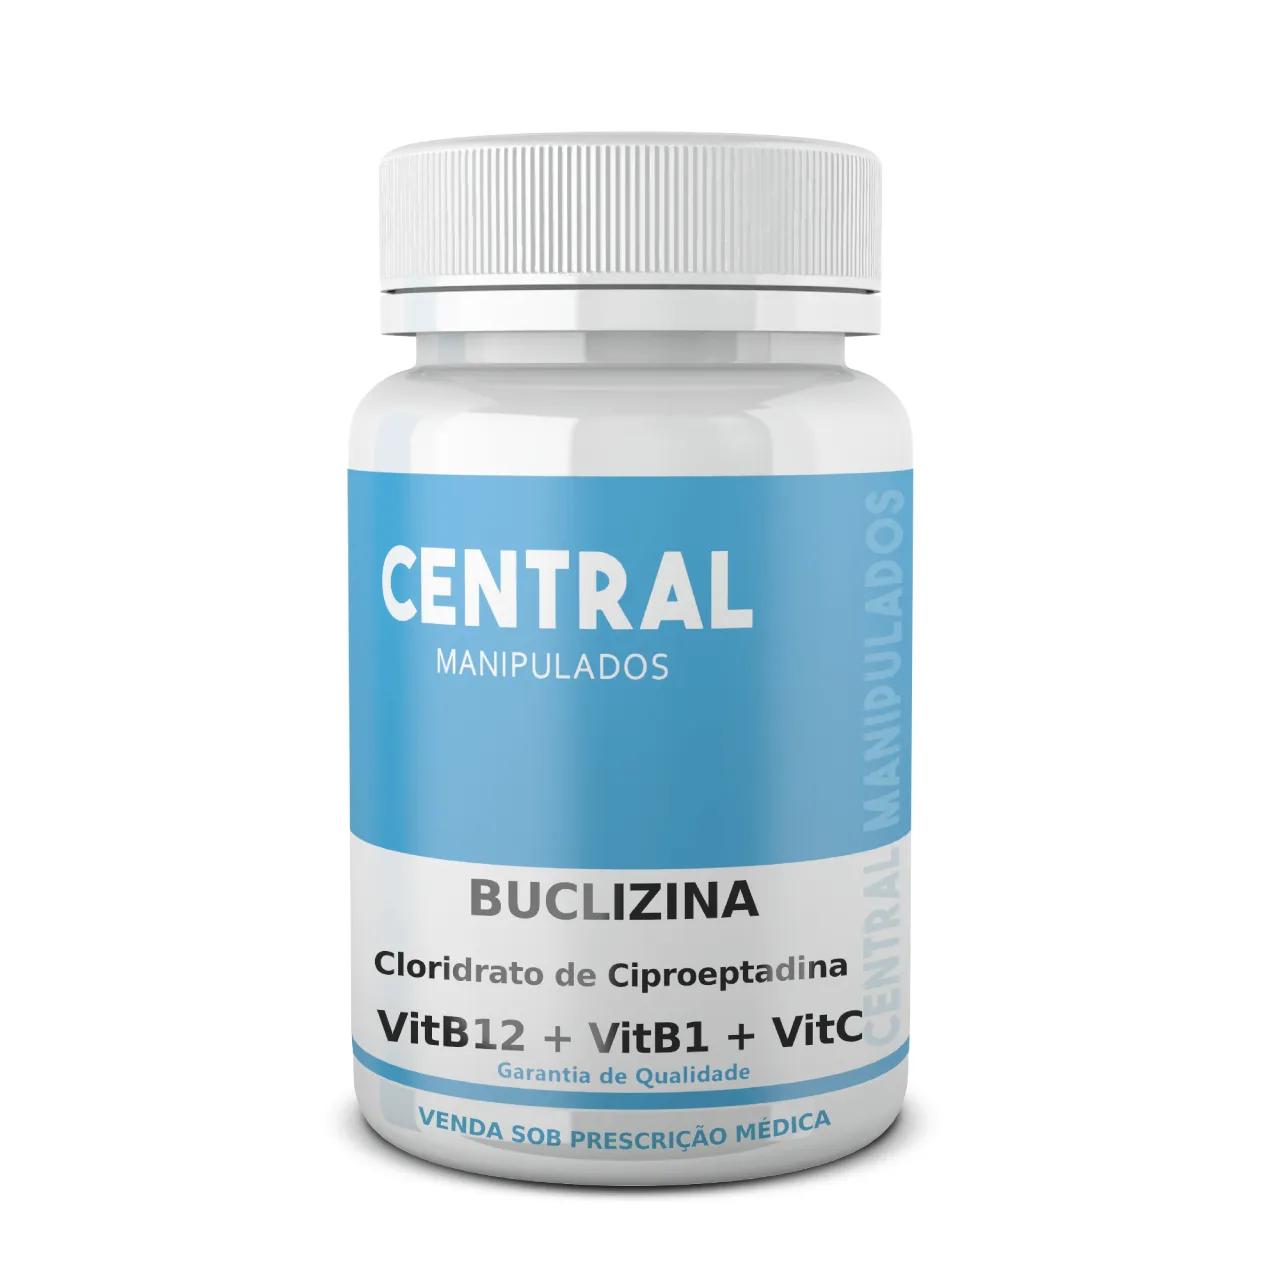 Buclizina 50mg + Cloridrato de Ciproeptadina 5mg + Vitamina B12 500mcg + Vitamina B1 50mg + Vitamina C 200mg - Ganho de Peso - 60 cápsulas